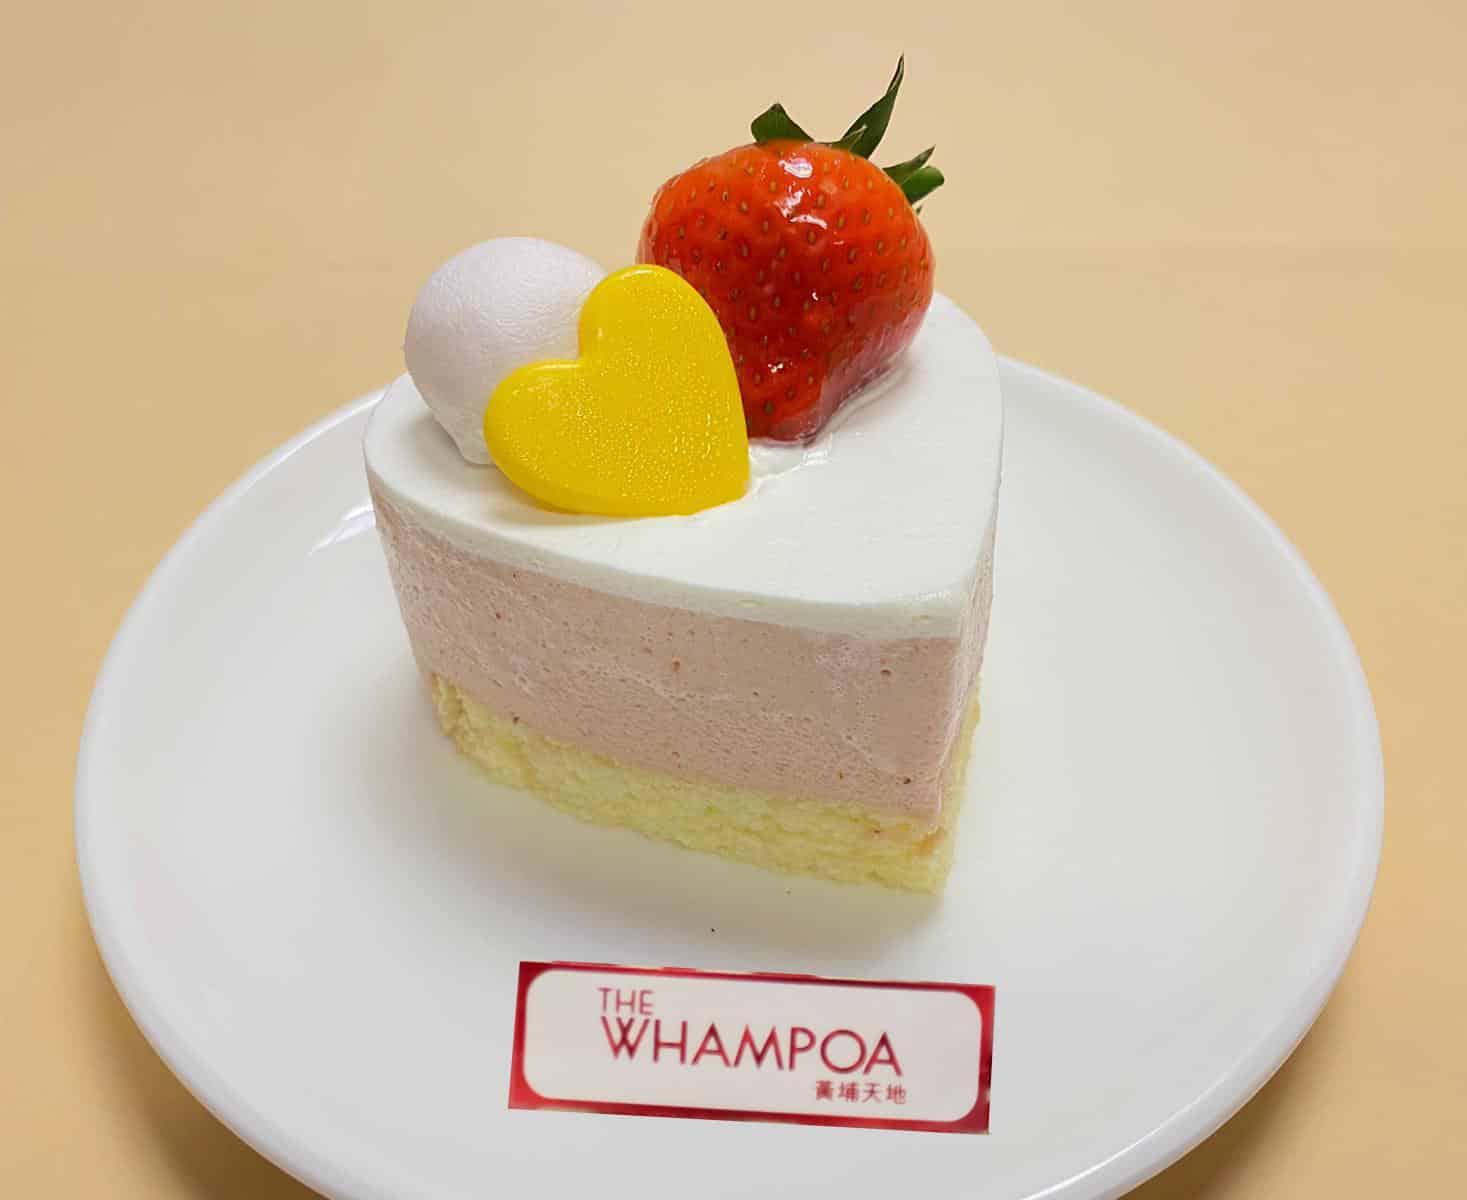 黃埔天地:母親節蛋糕換領活動 母親節當日指定電子貨幣消費金額,即可換領8度海逸酒店士多啤梨慕絲件裝蛋糕乙件。